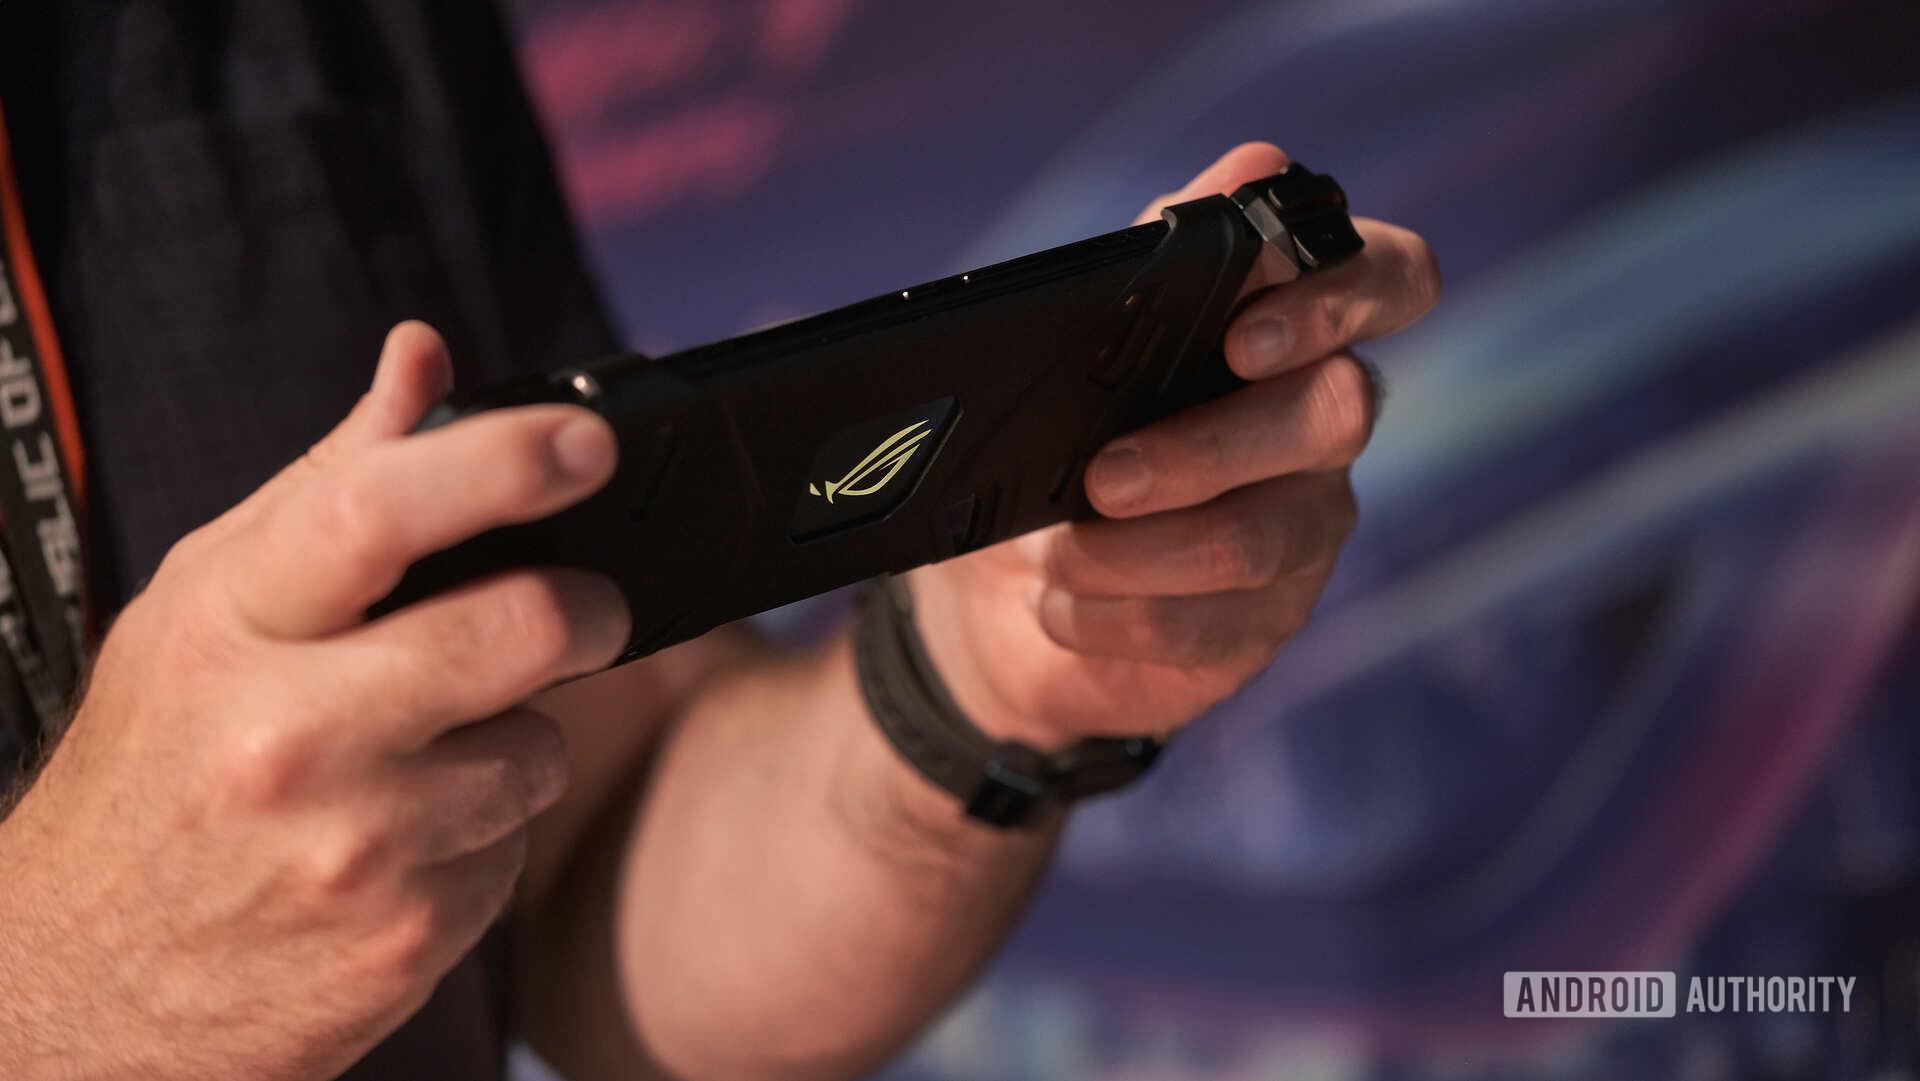 Asus ROG Phone 2 gaming on Kunai gamepad adapter from behind